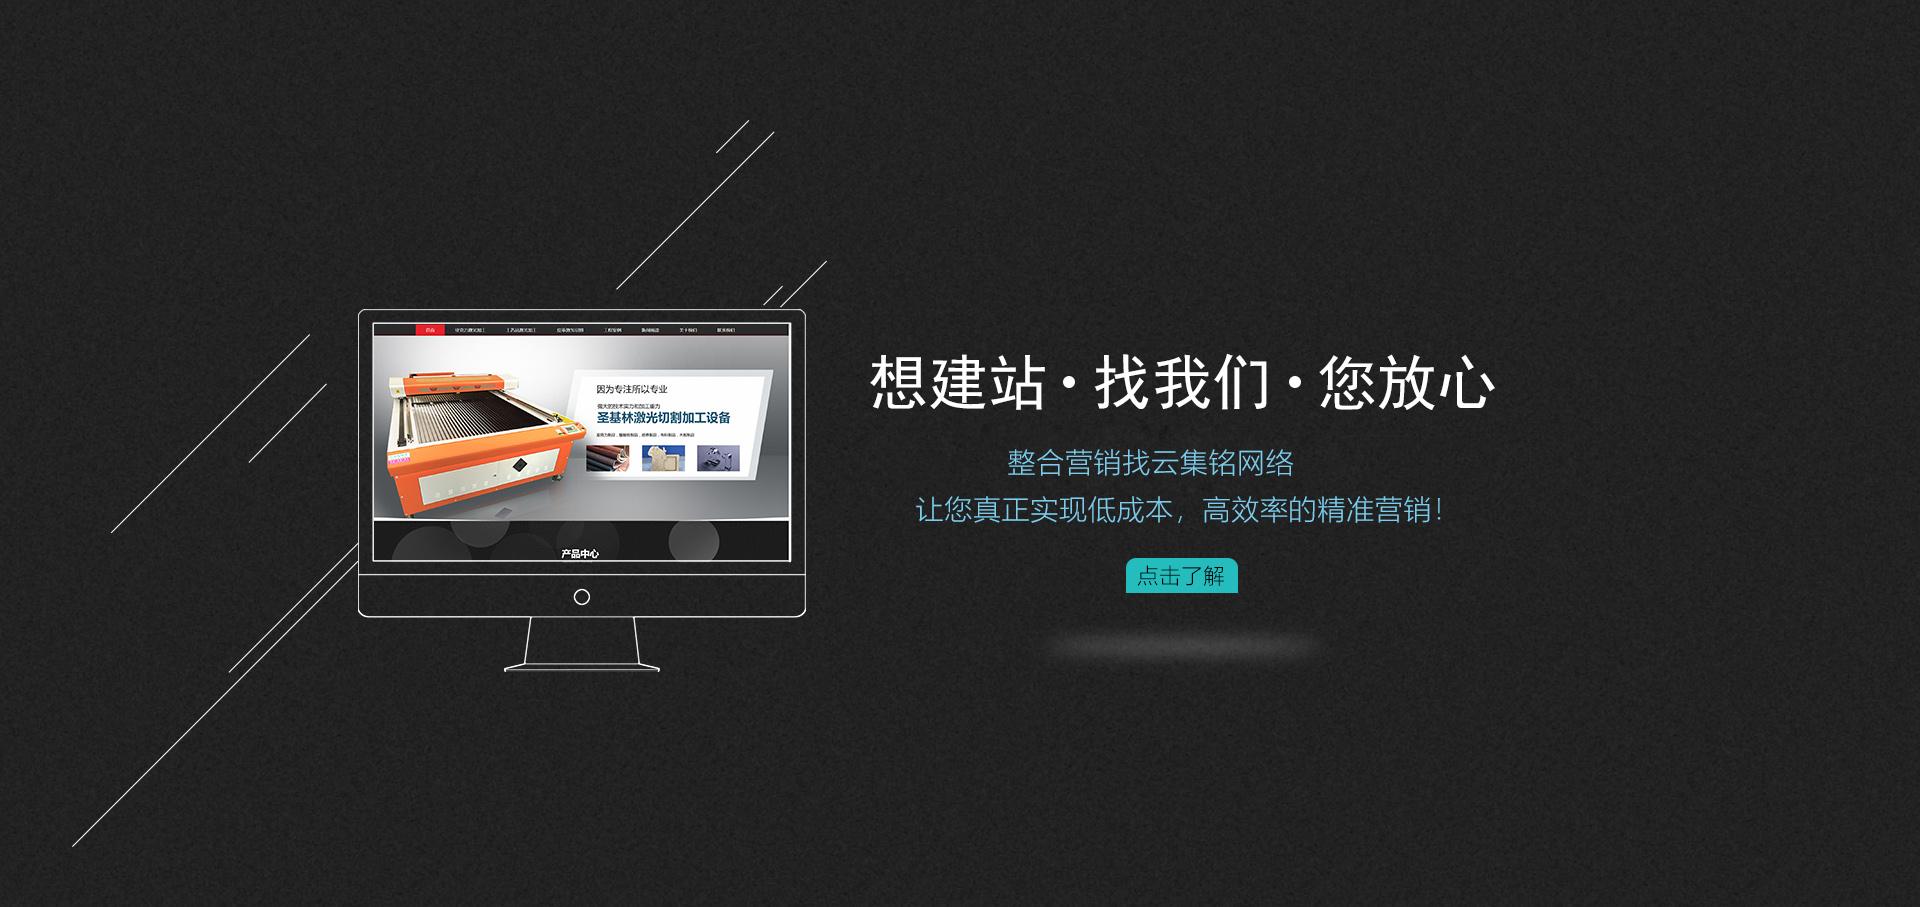 网站建设,网站制作,网络推广,百度推广,包年推广,seo优化